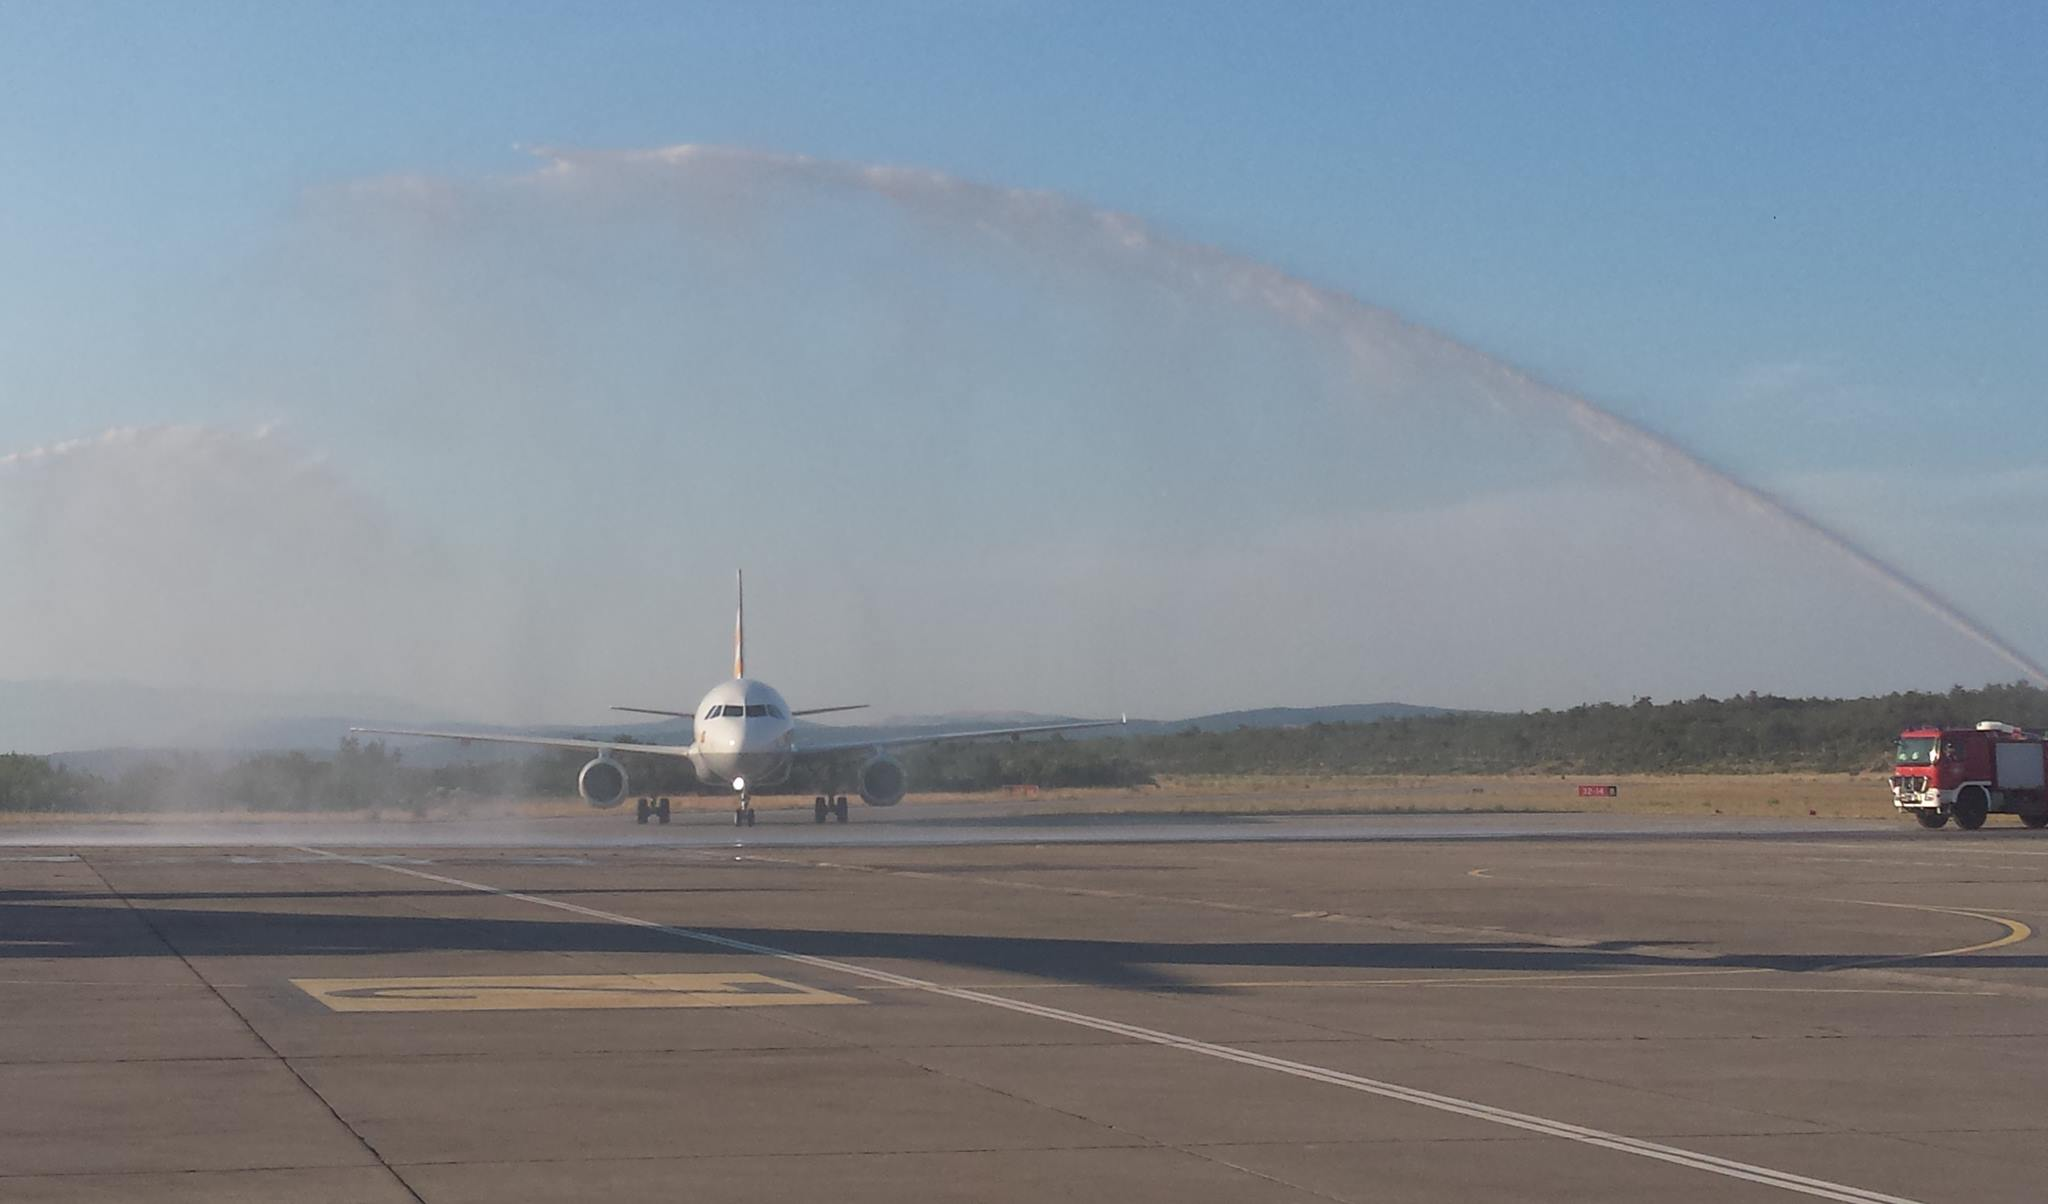 Prvi let iz Hannovera pozdravljen vodenim topom!